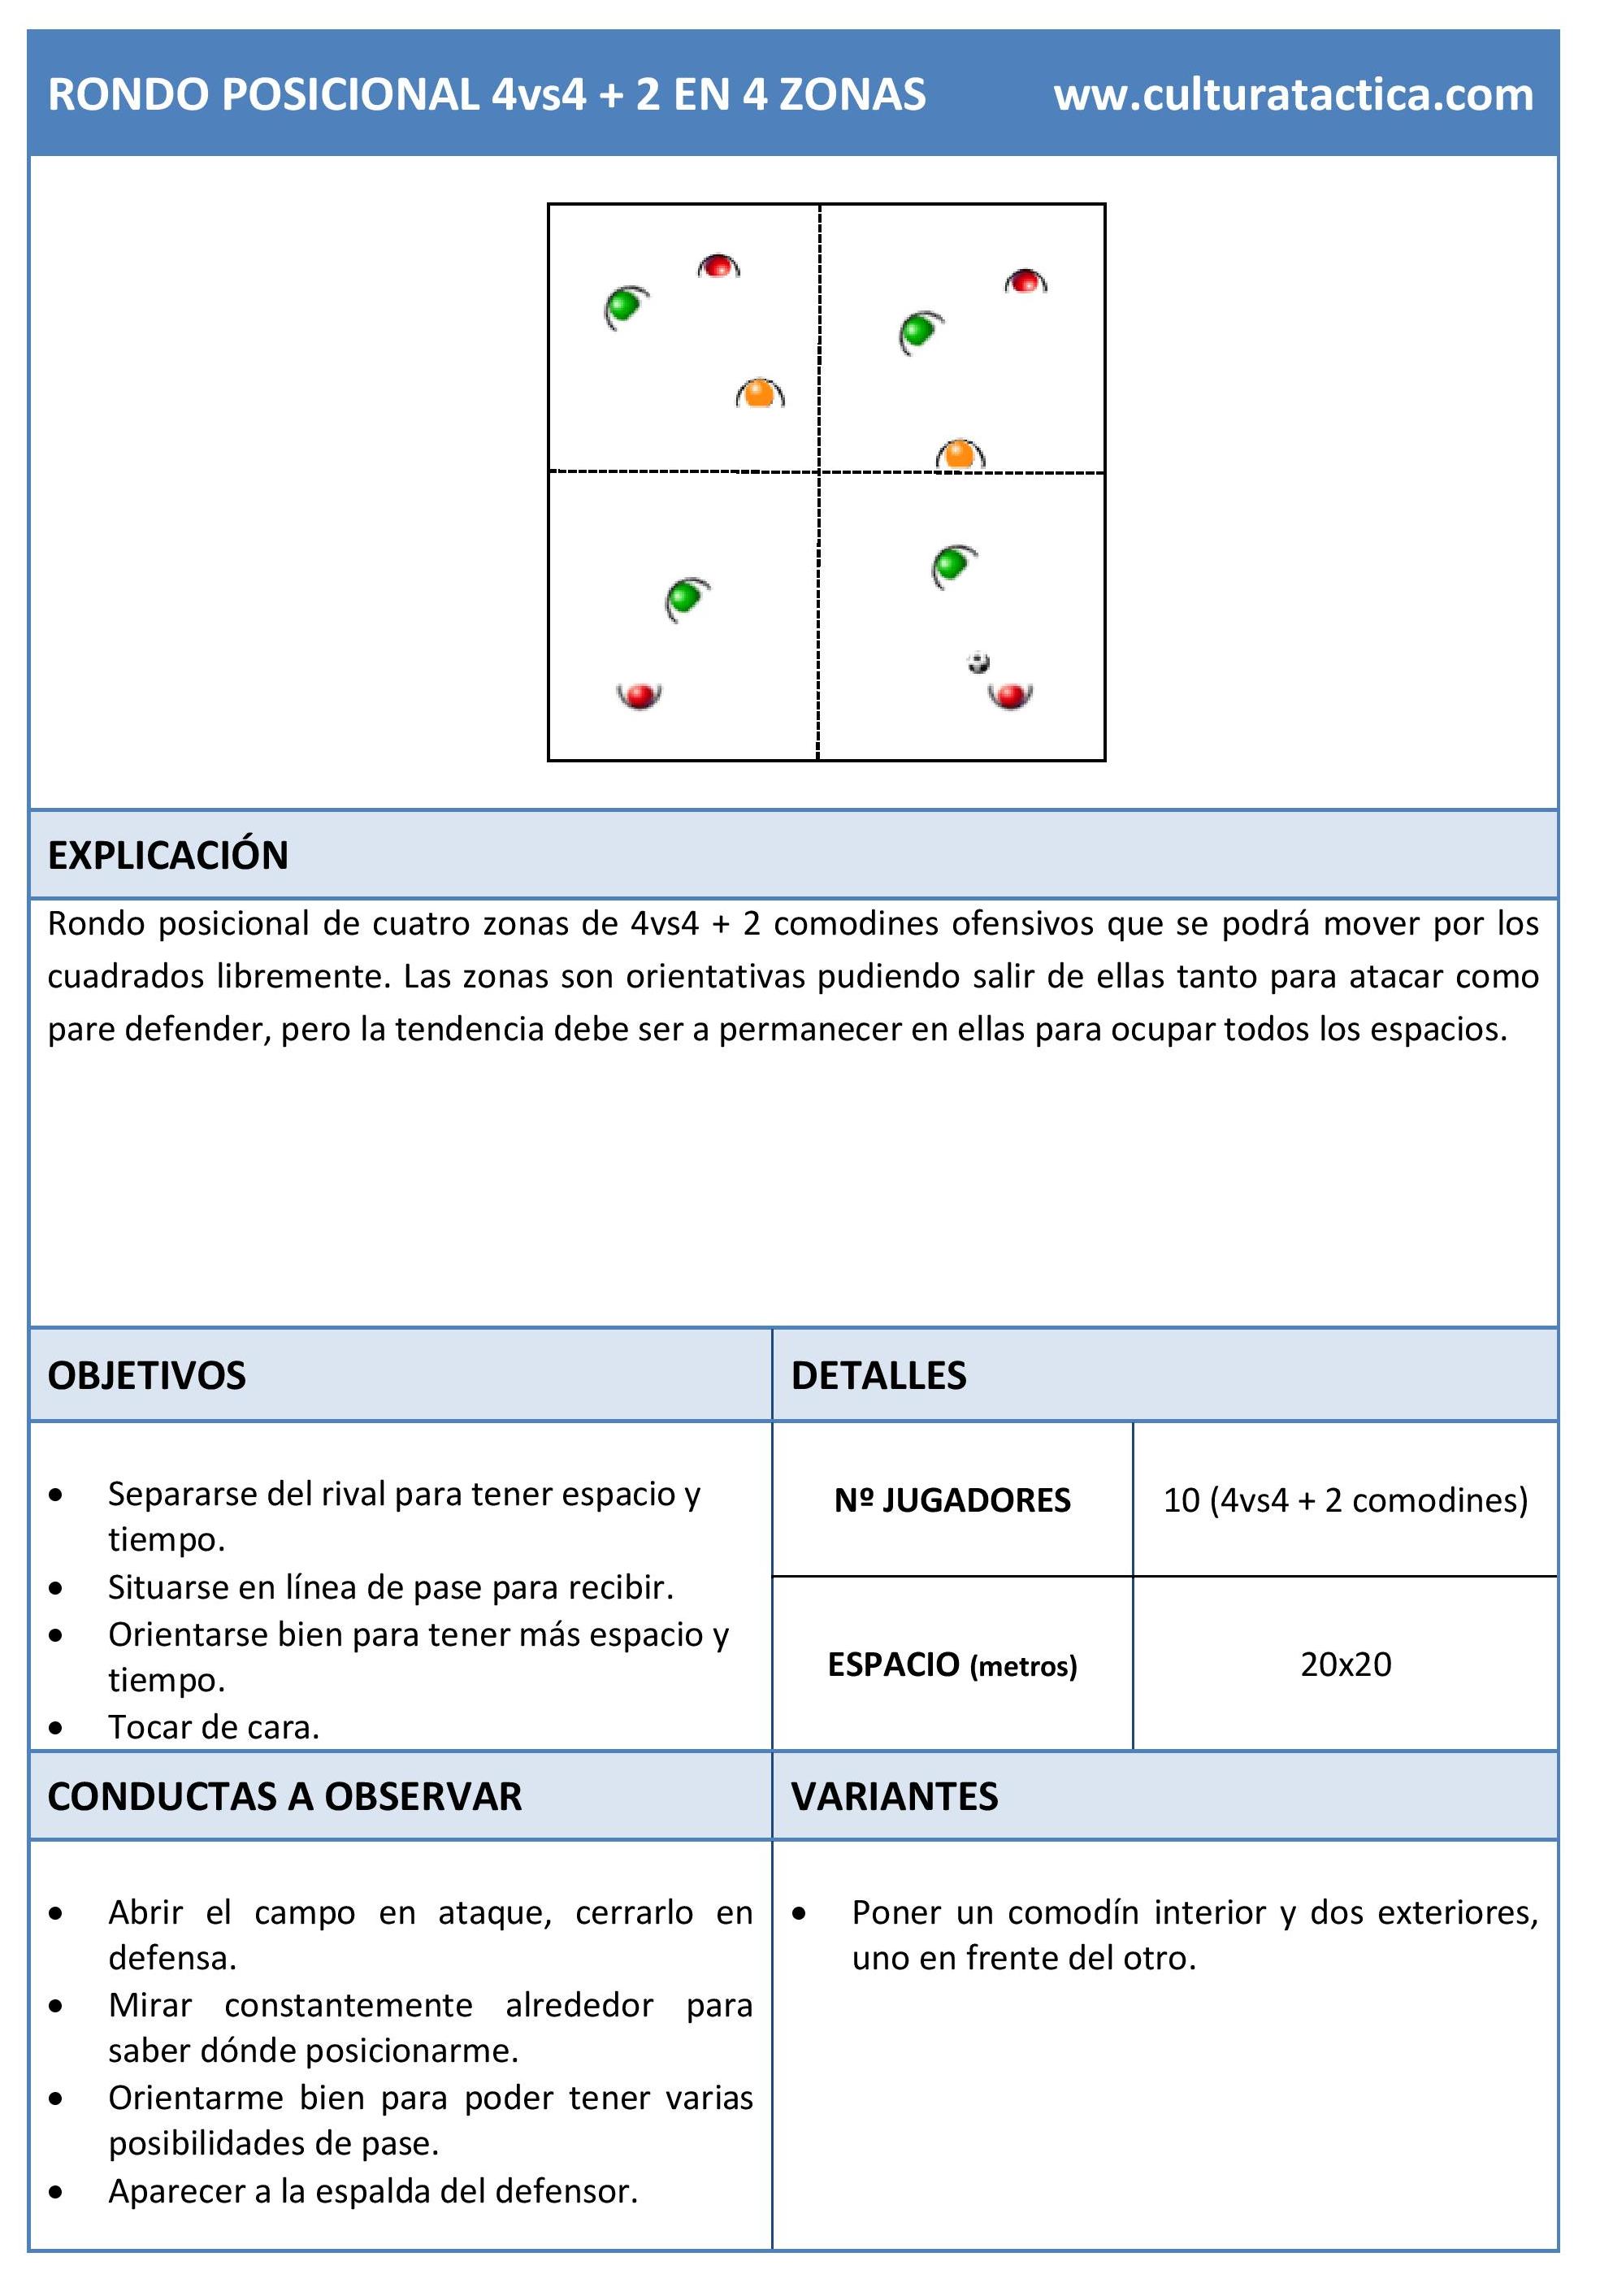 rondo-posicional-4vs4-2-en-4-zonas-villarreal-de-marcelino